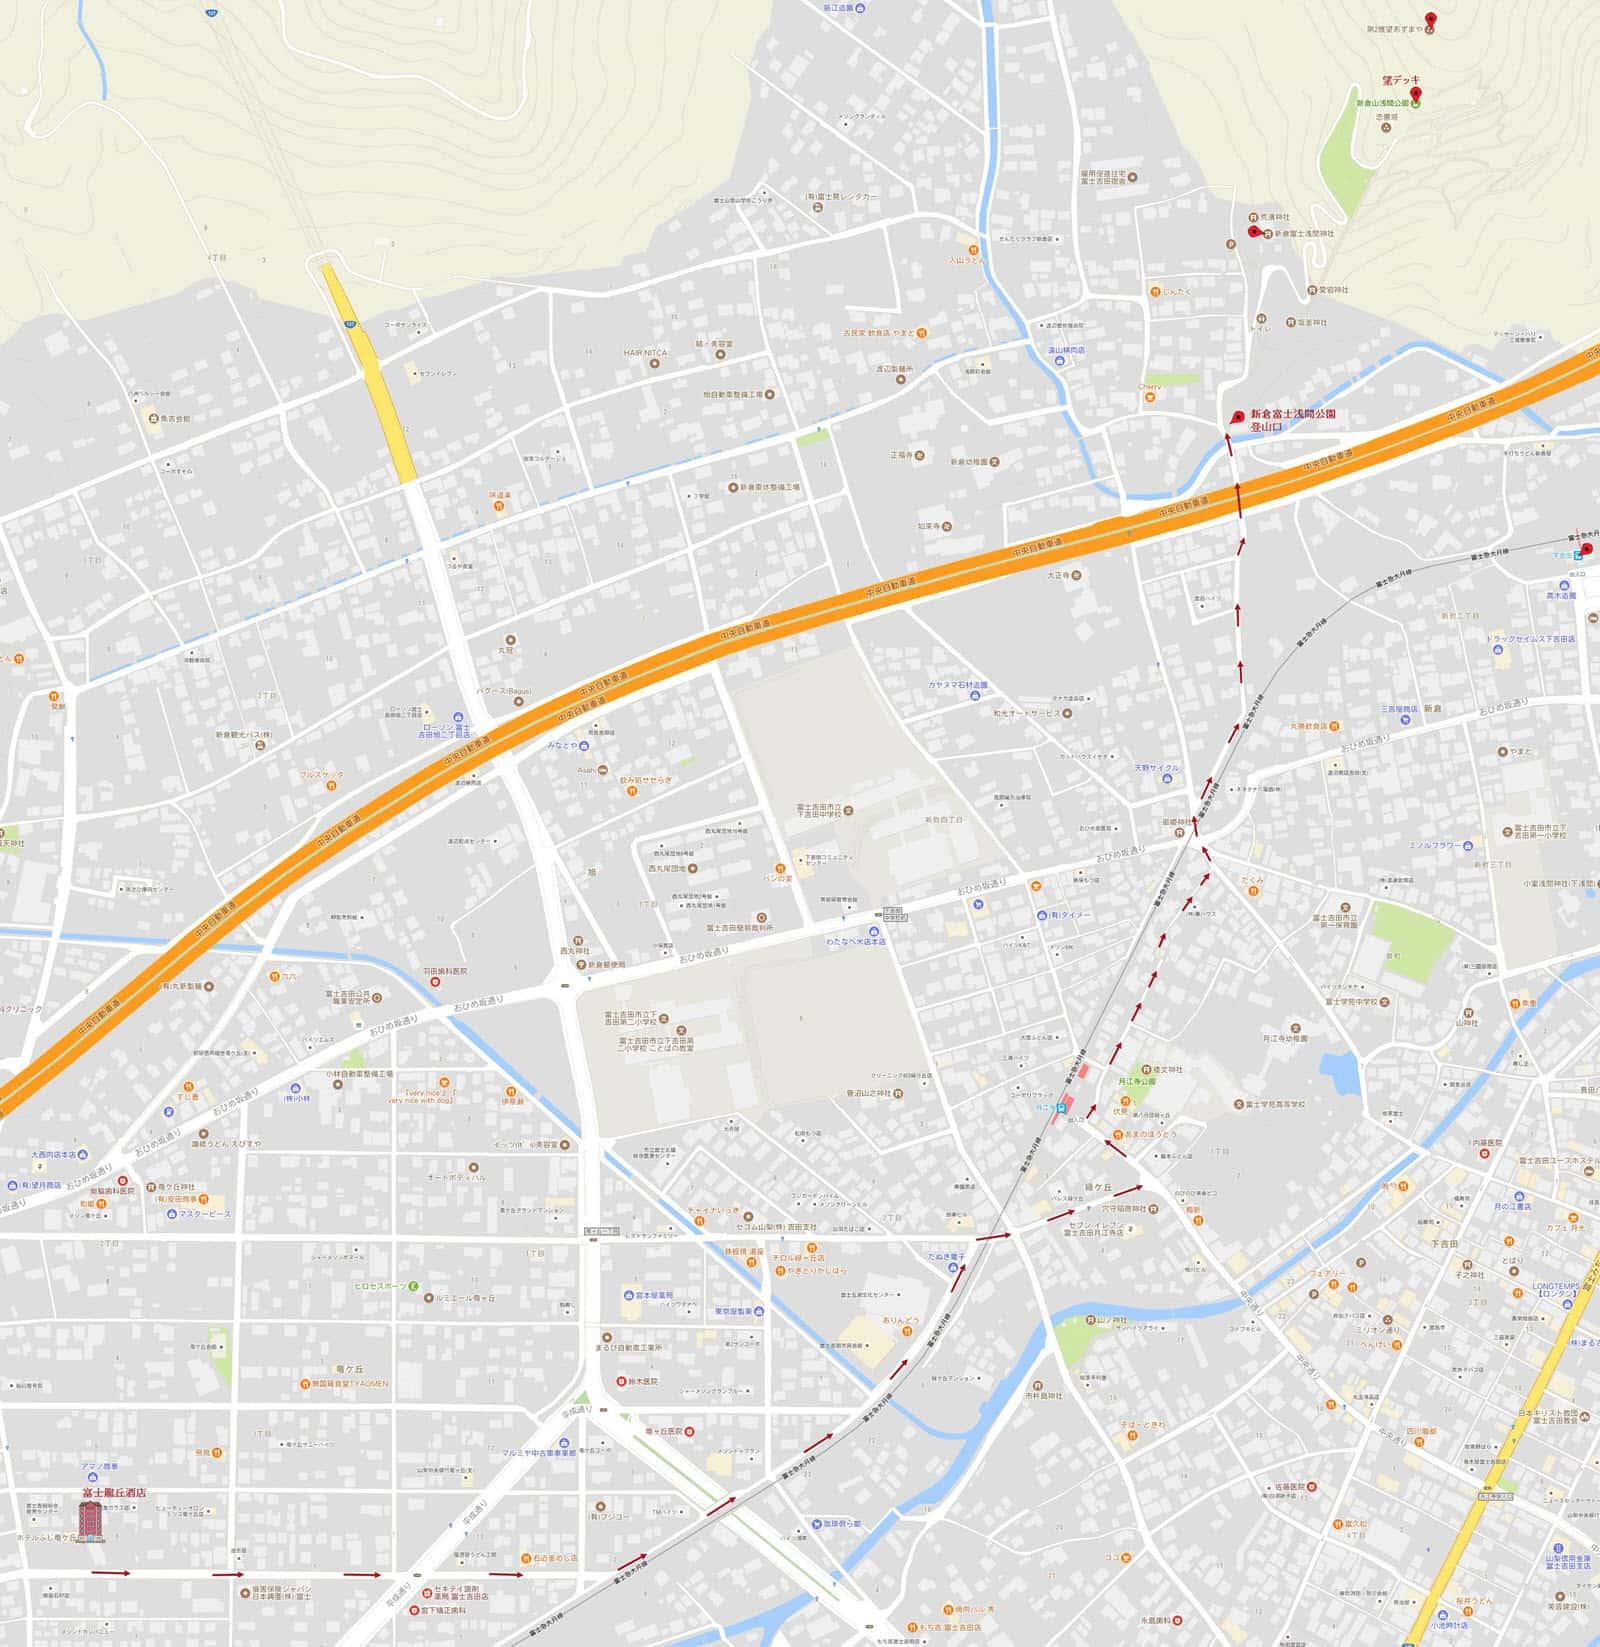 富士龍丘酒店步行往新倉富士浅間公園路線地圖